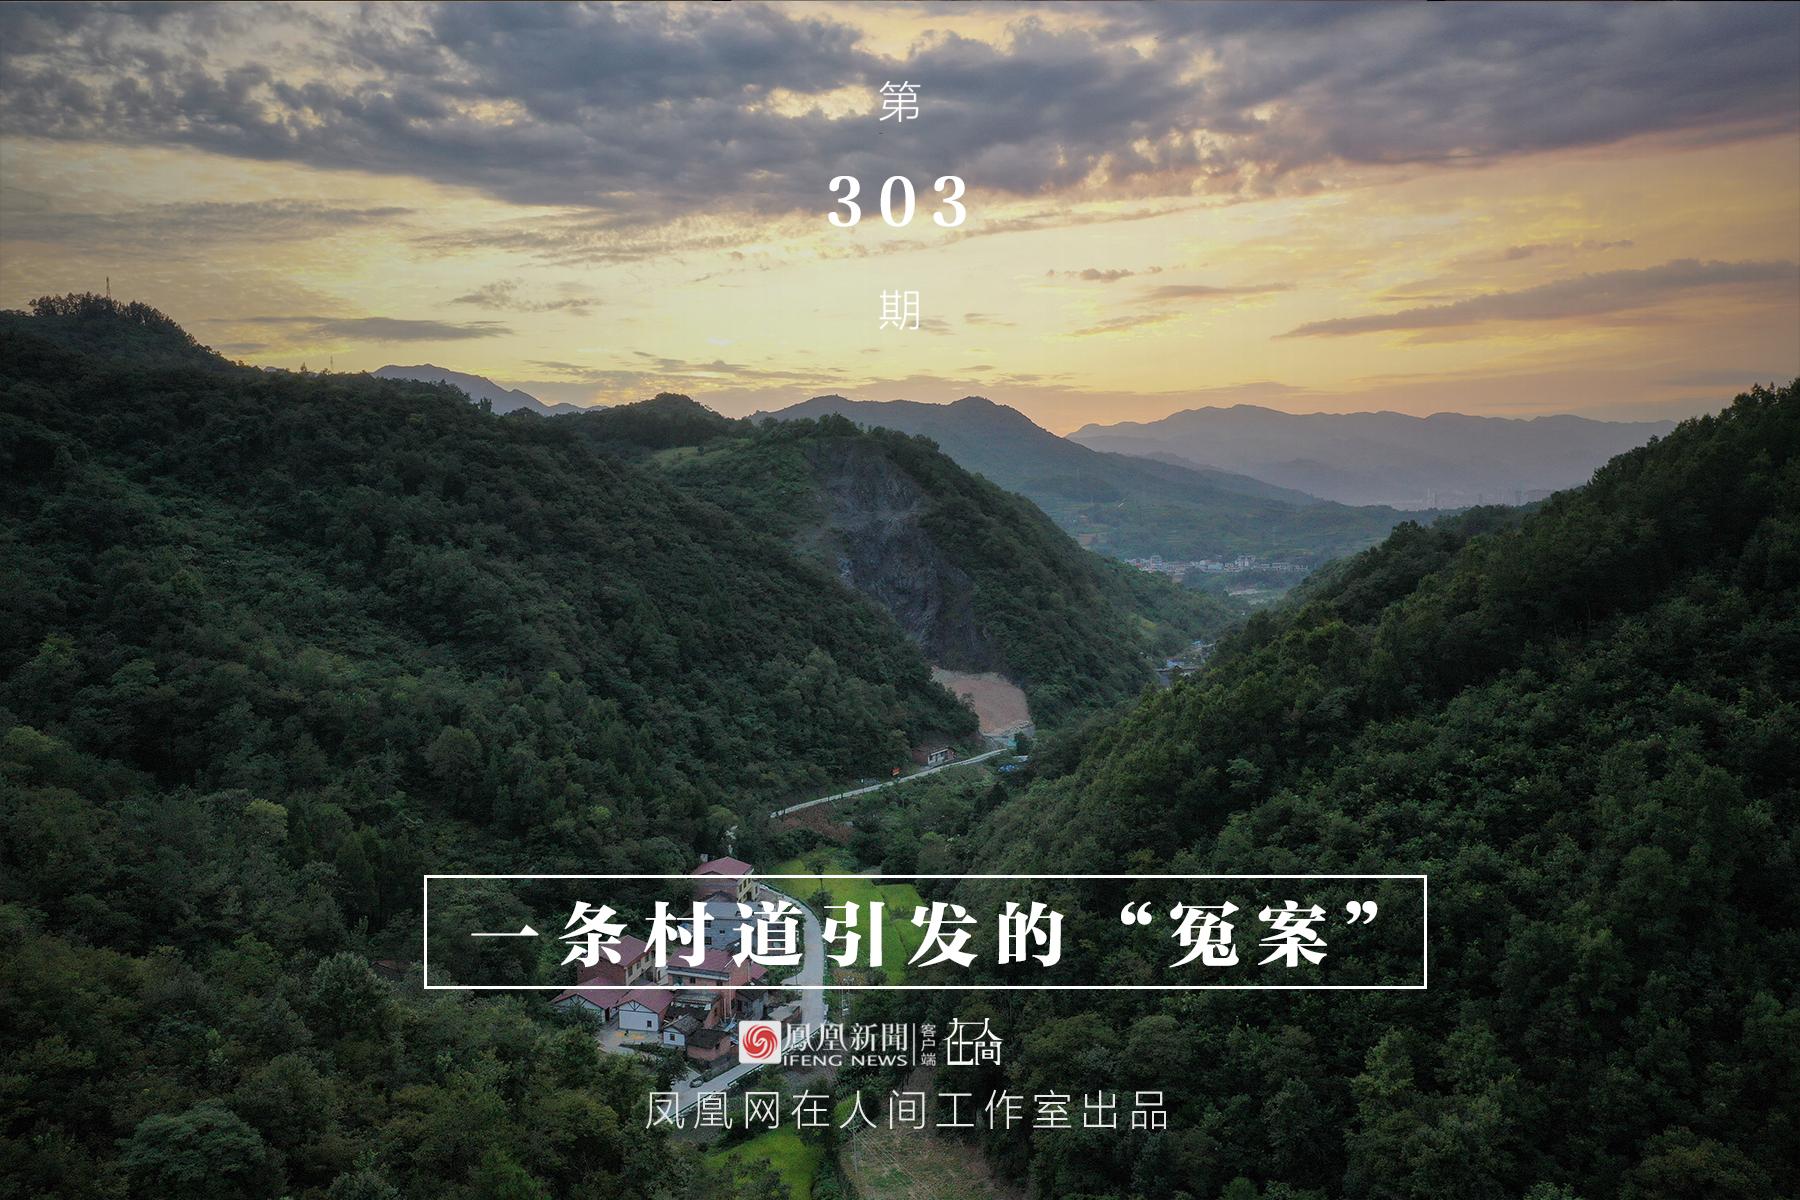 在人间| 李思侠案背后:一条村道,两个石场,三个走出看守所的人